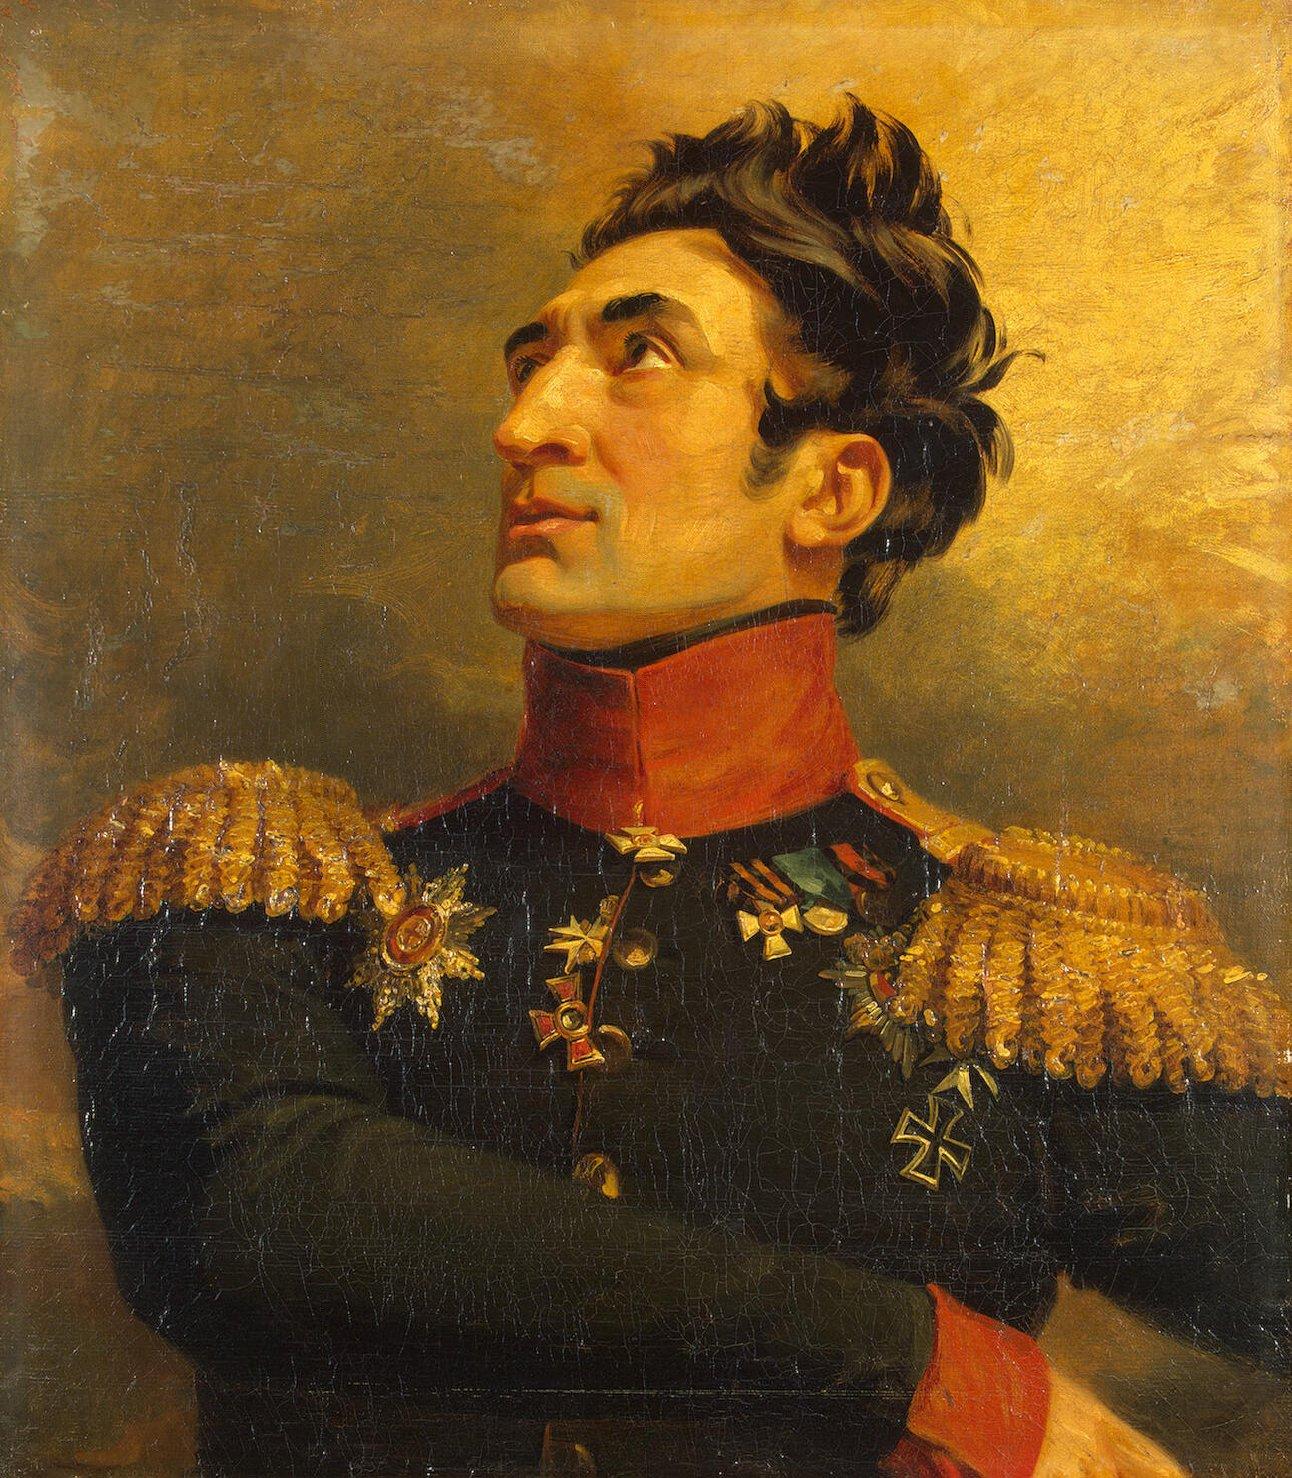 Полуектов, Борис Владимирович